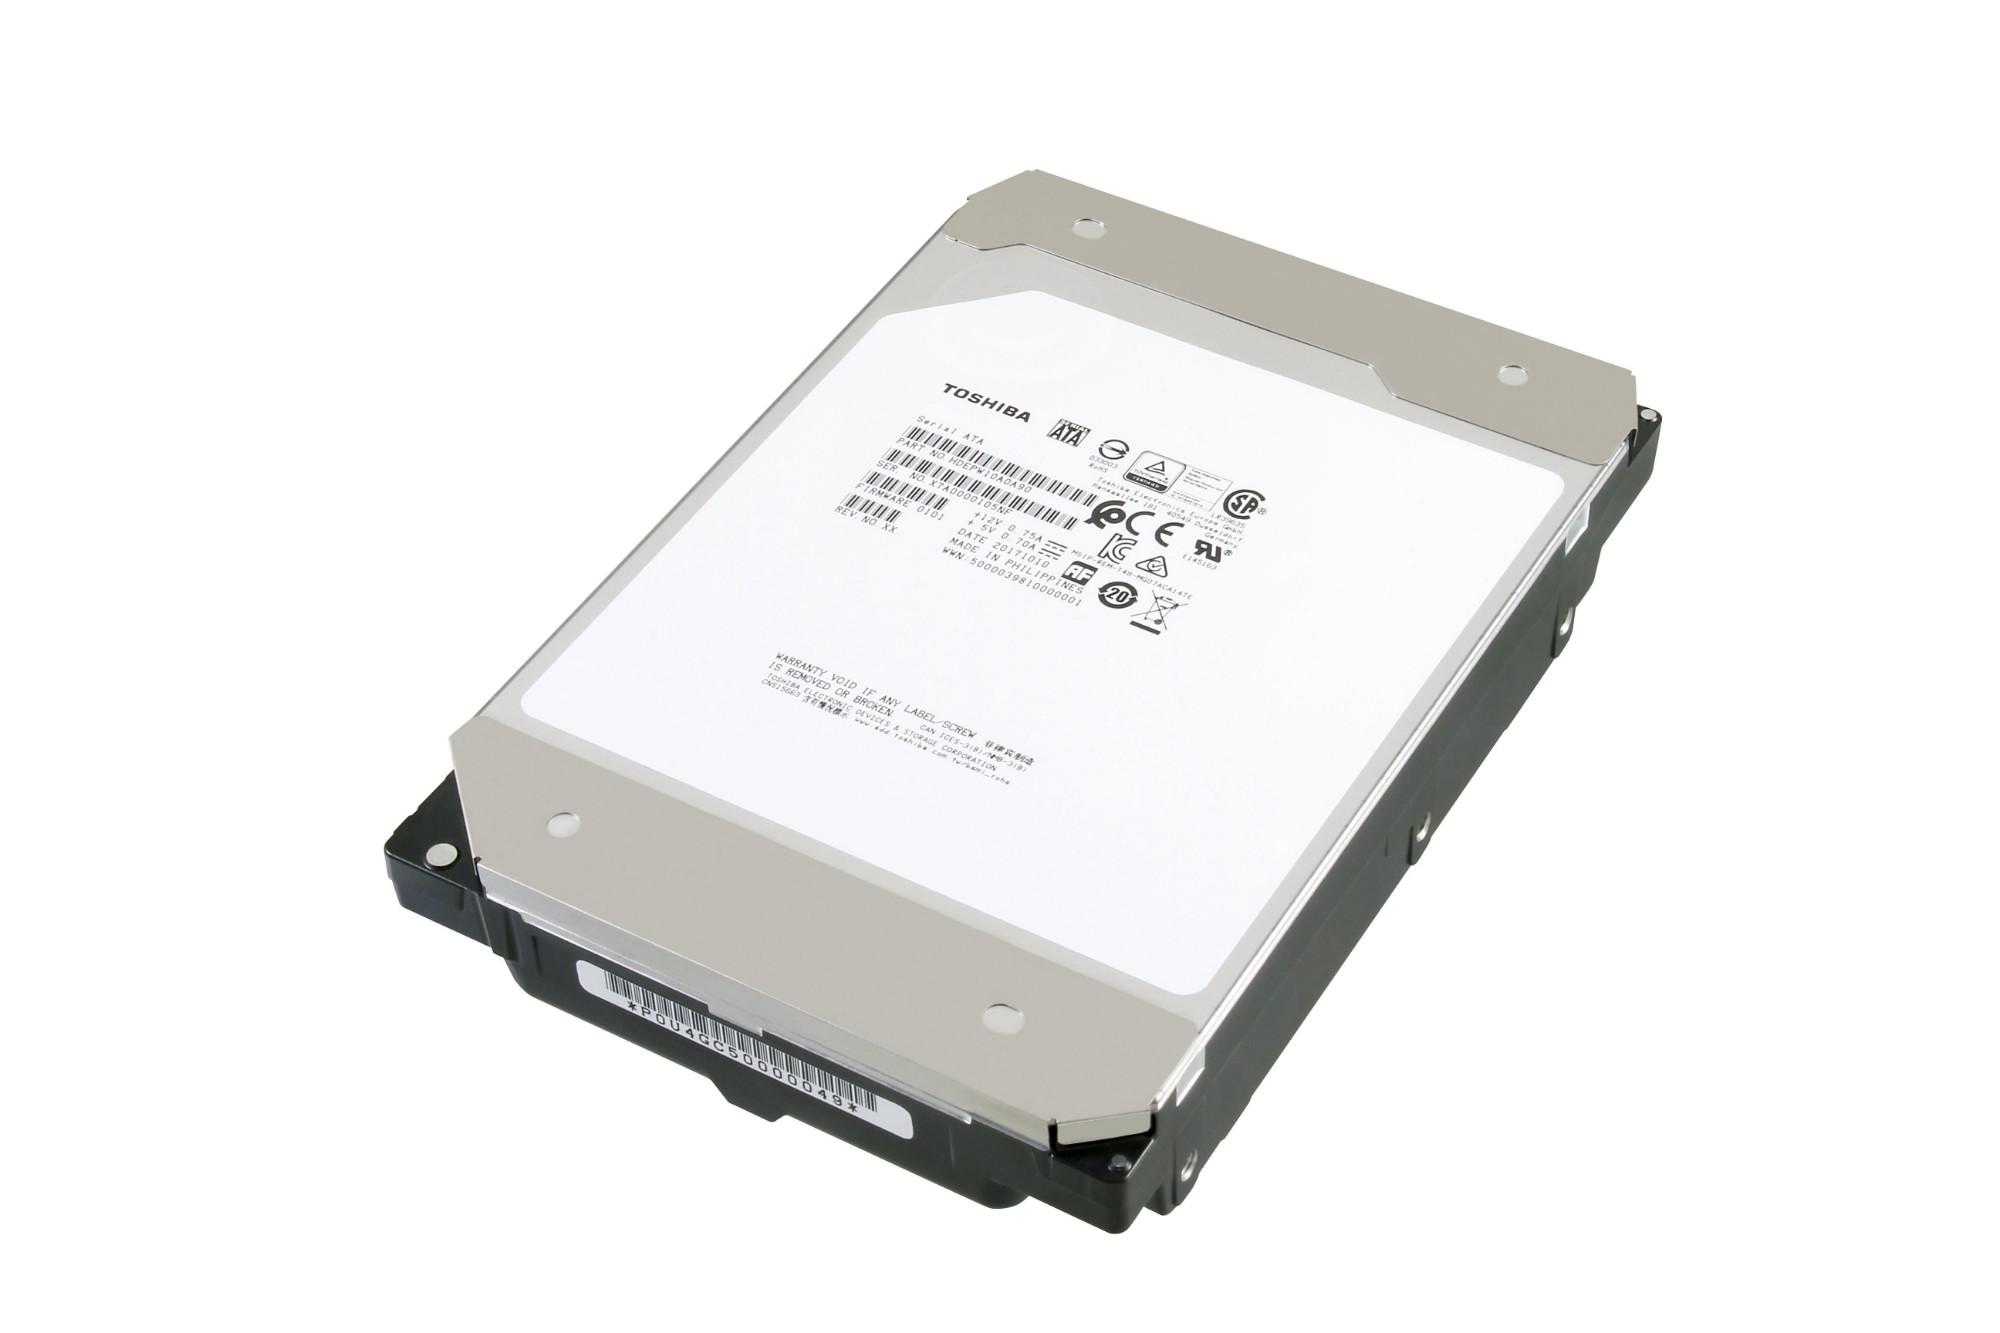 Hard Drive Nearline He 12TB SATA 6gb/s 3.5in 7200rpm 128MB 512e